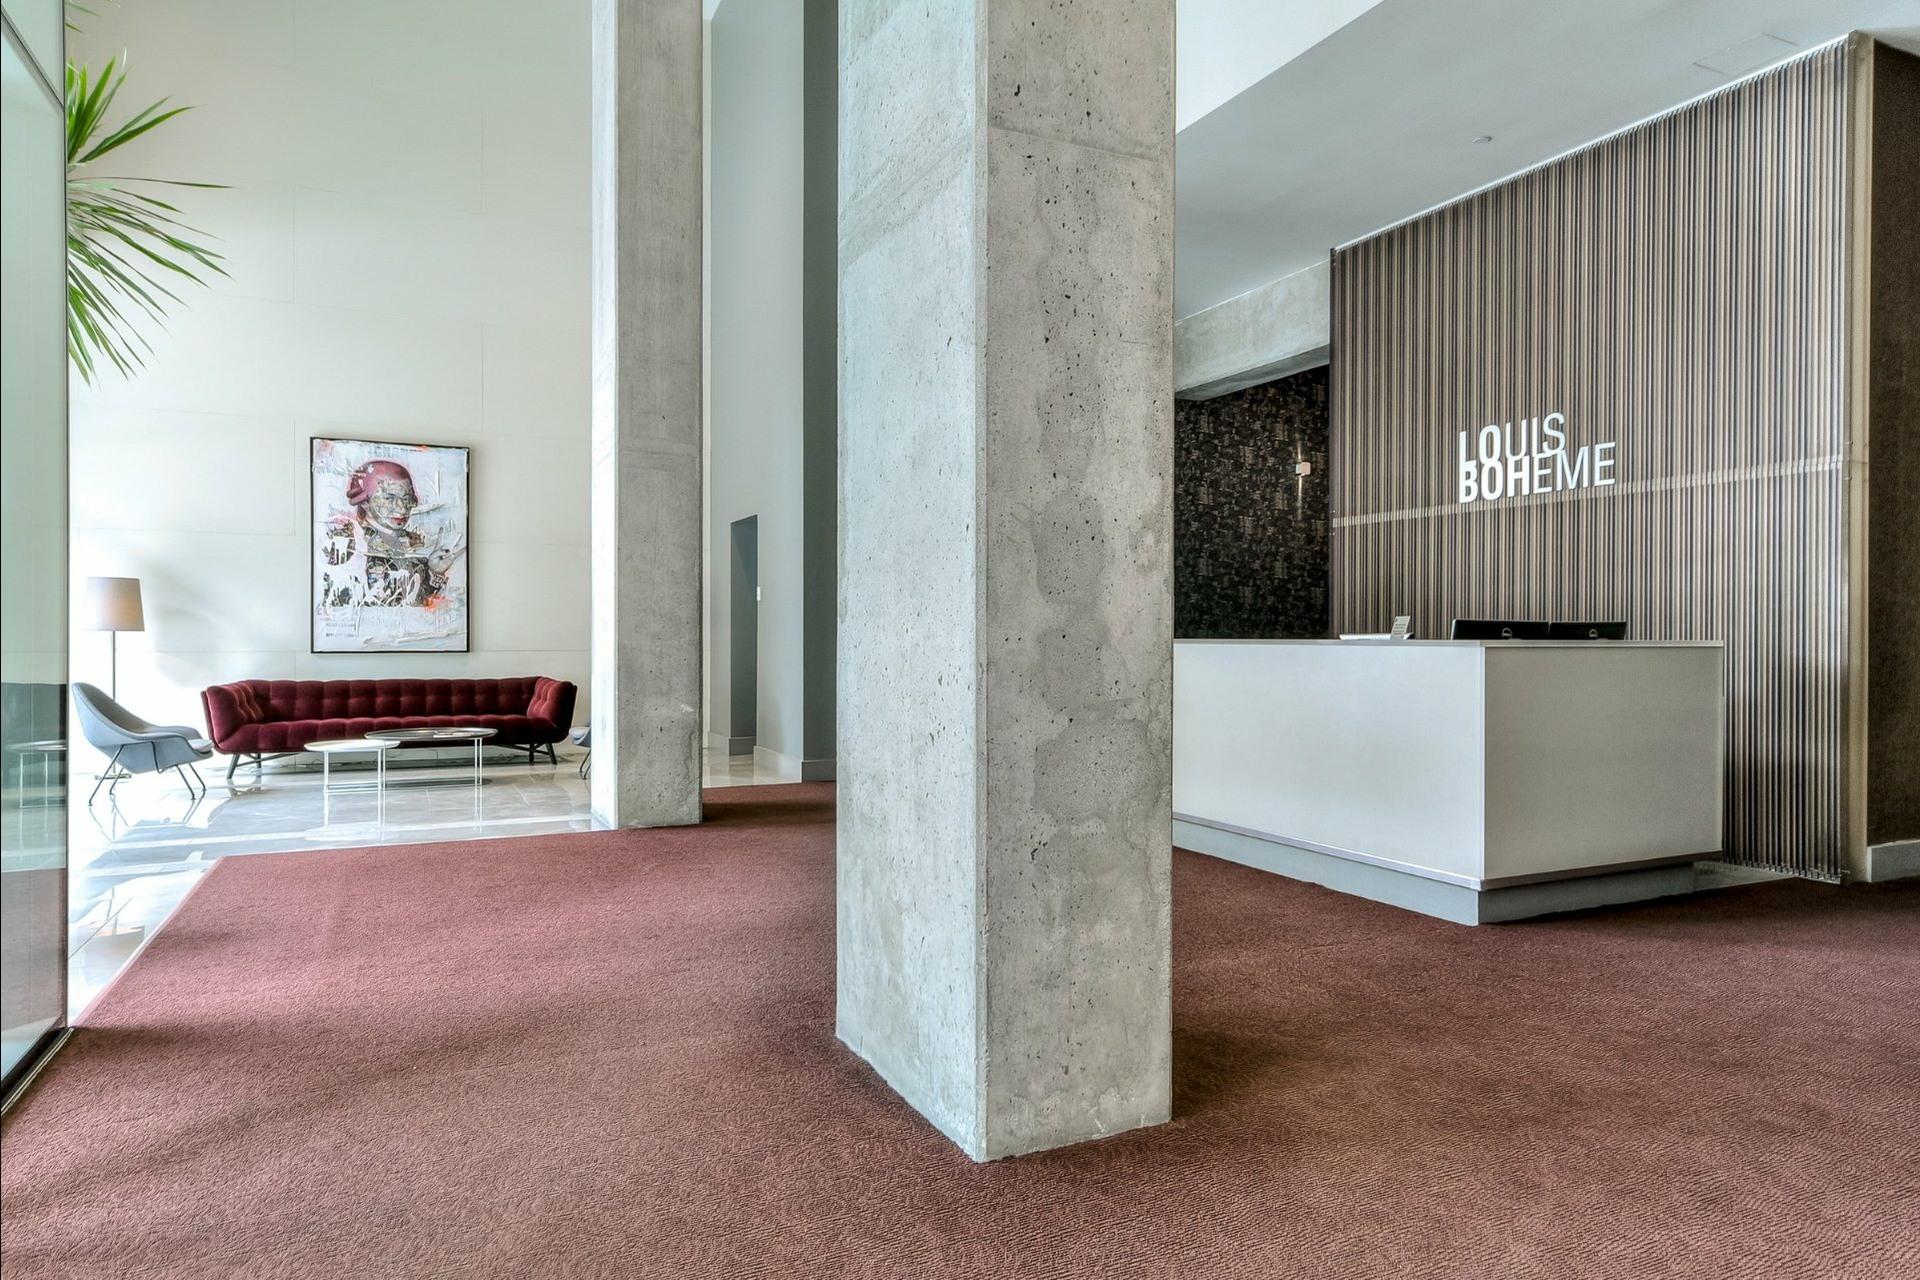 image 18 - Appartement À louer Ville-Marie Montréal  - 5 pièces